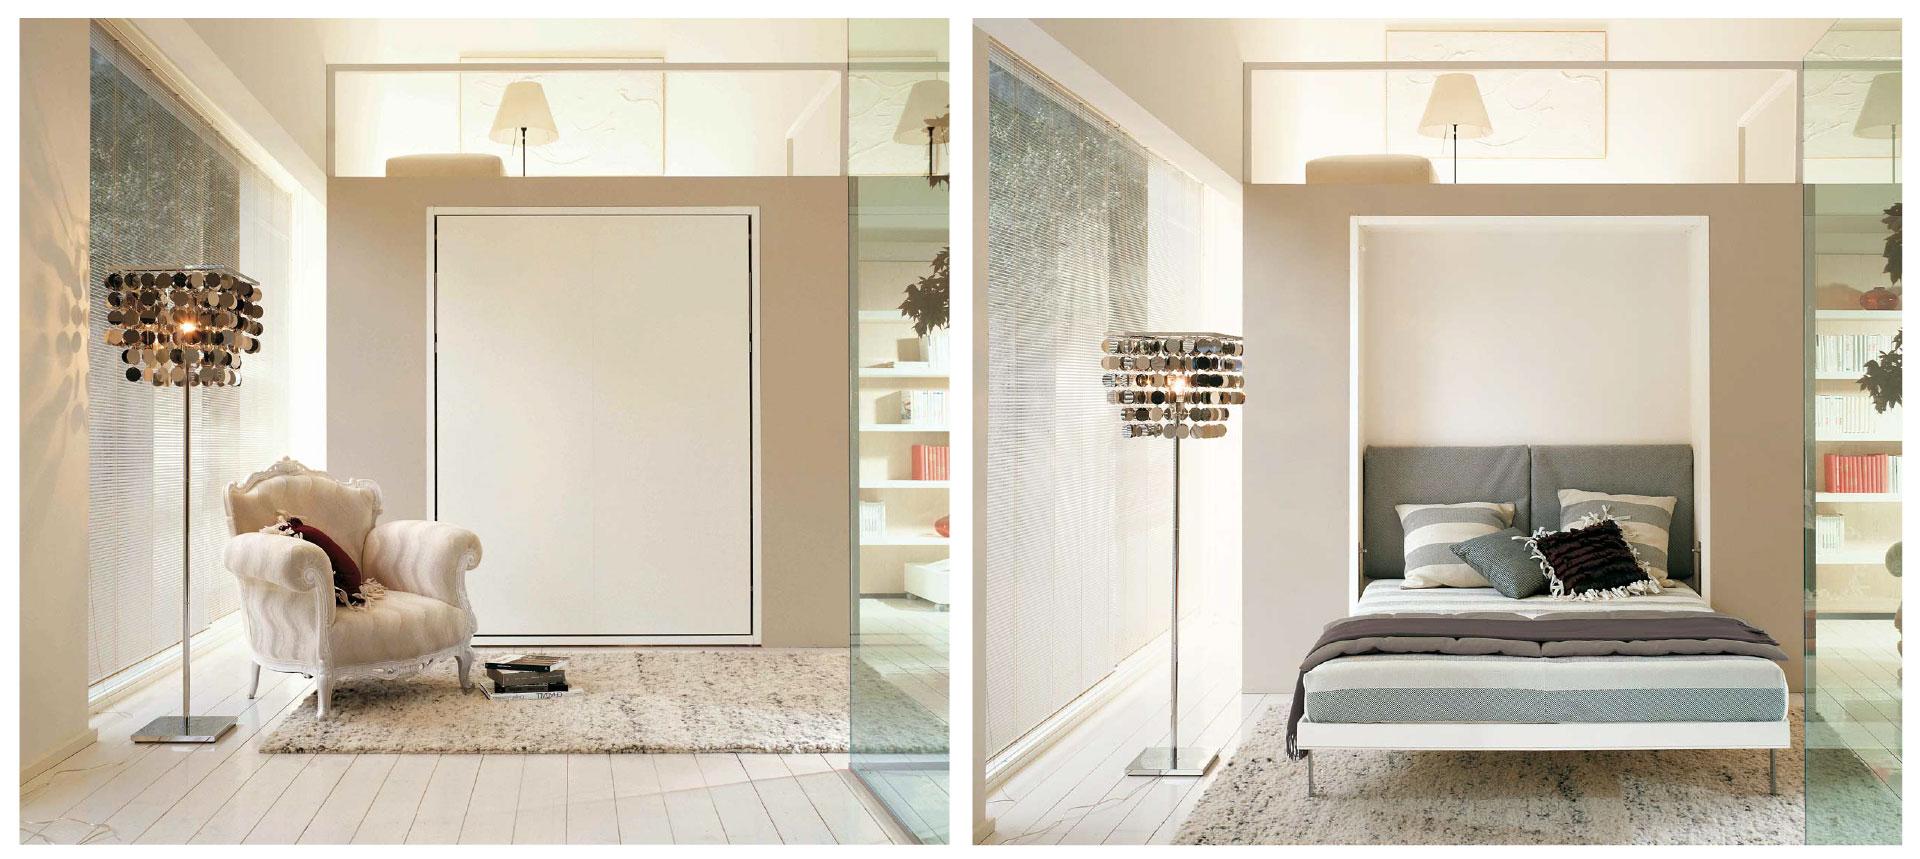 Slaapkamers ontworpen deco - Deco design slaapkamer ...